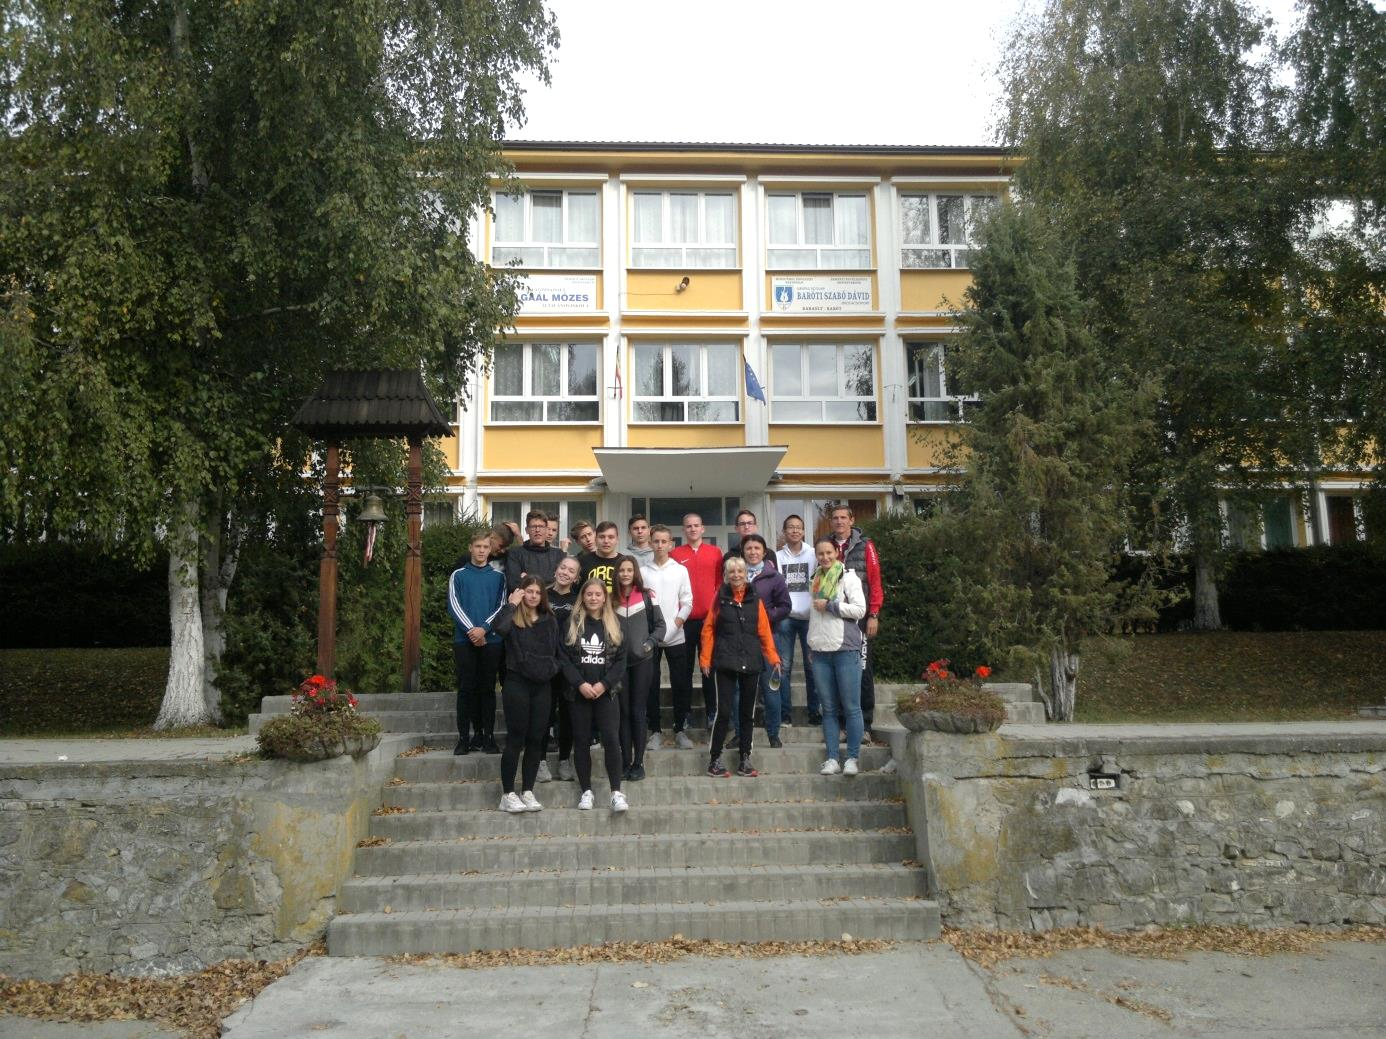 3. Az Eötvösös diákok a Baróti Szabó Dávid Iskolaközpont főépülete előtt